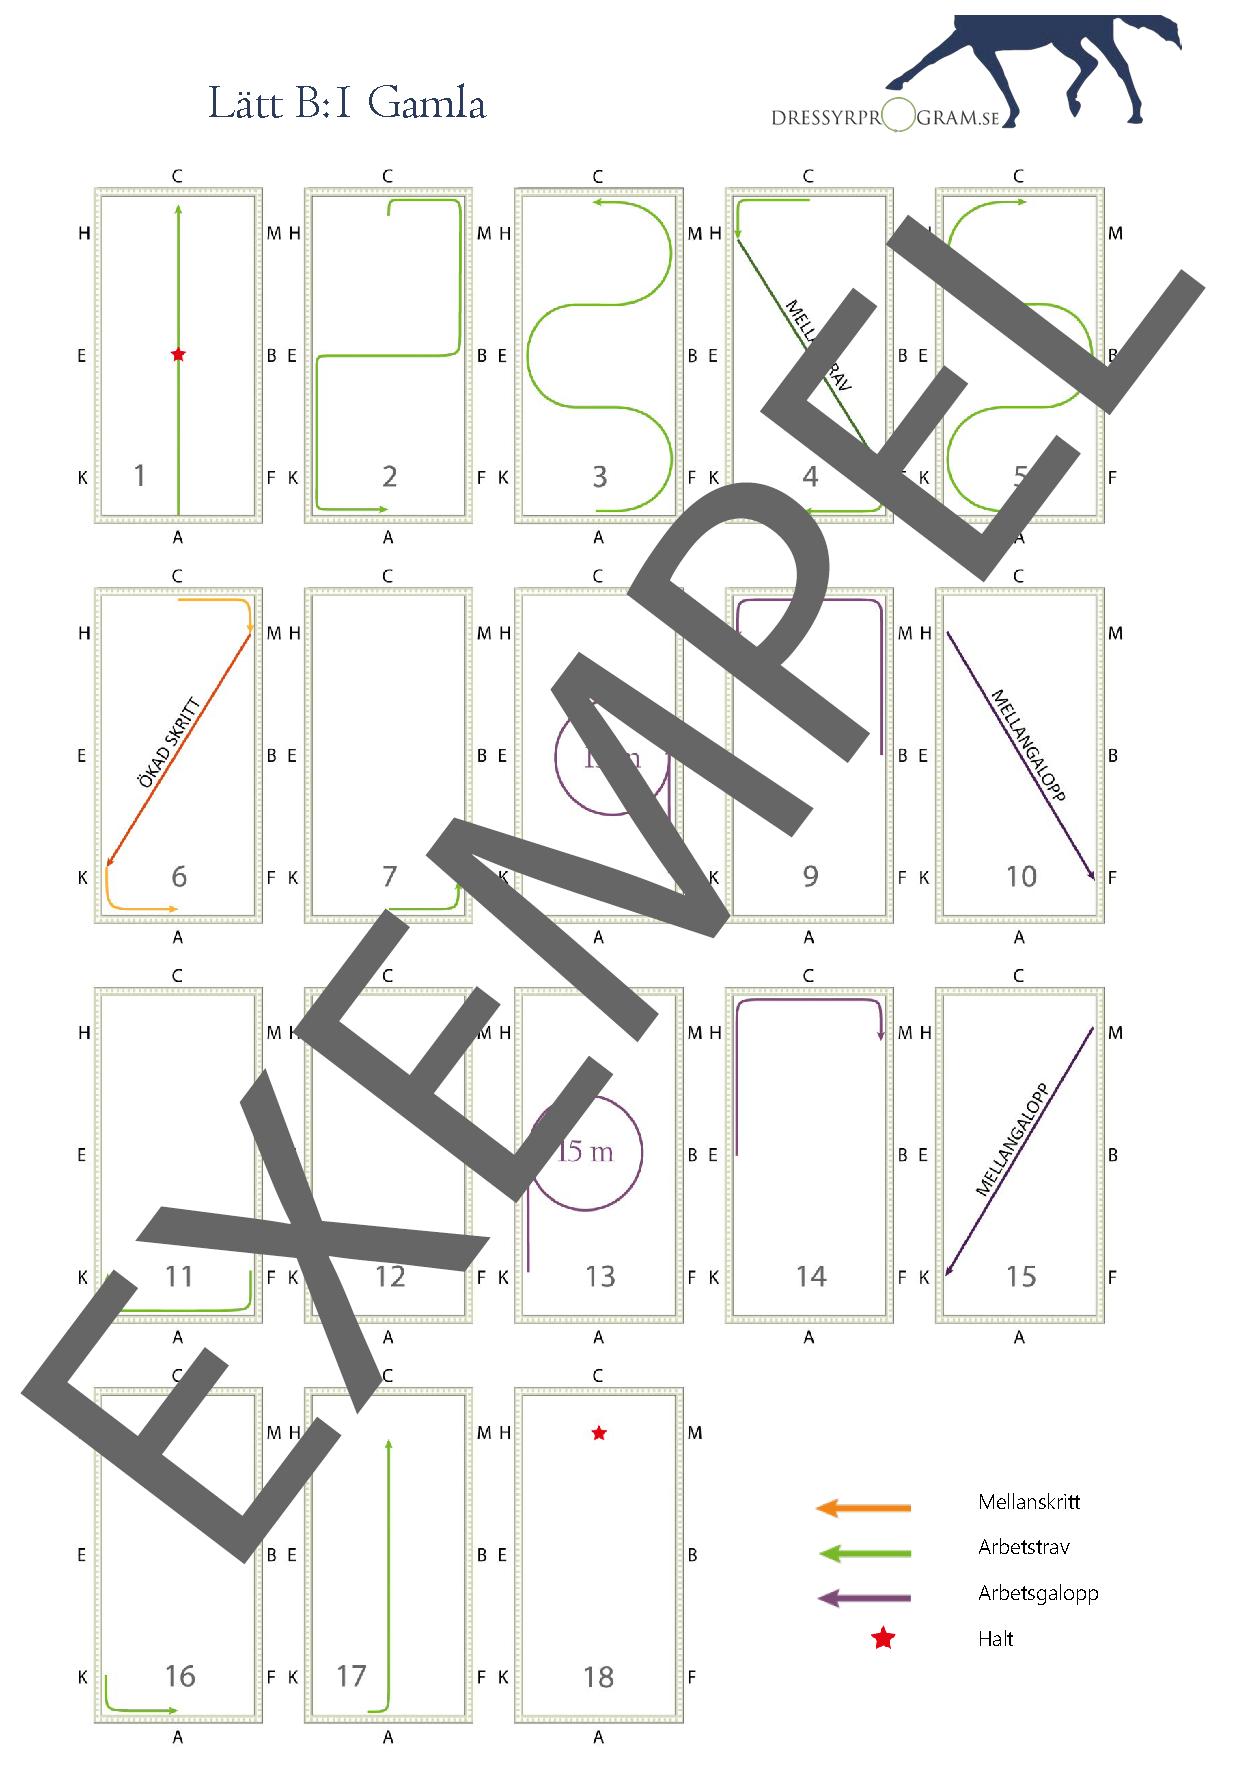 Utskrift av dressyrprogram i bilder Exempel